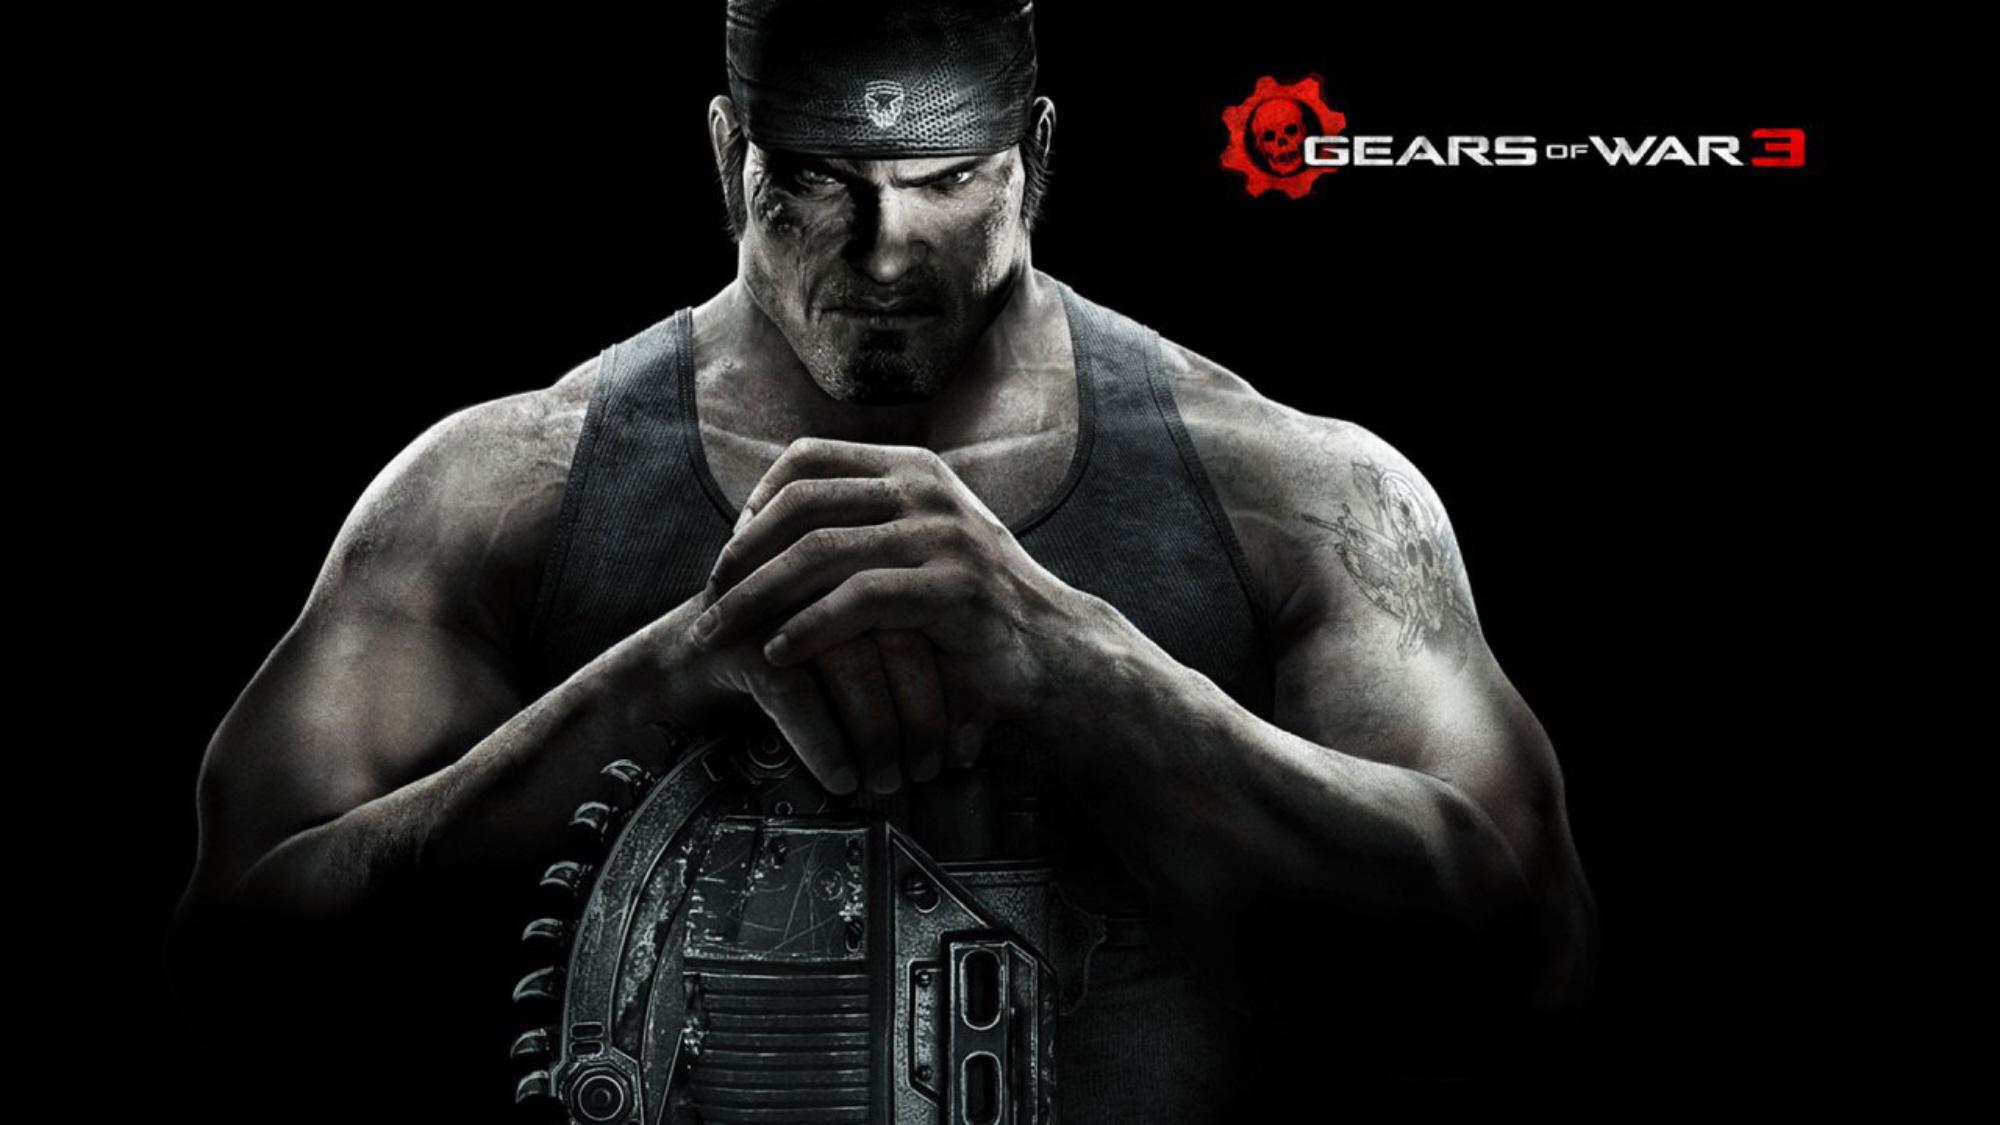 Gears of War 3 Wallpaper (HD) - Video ...